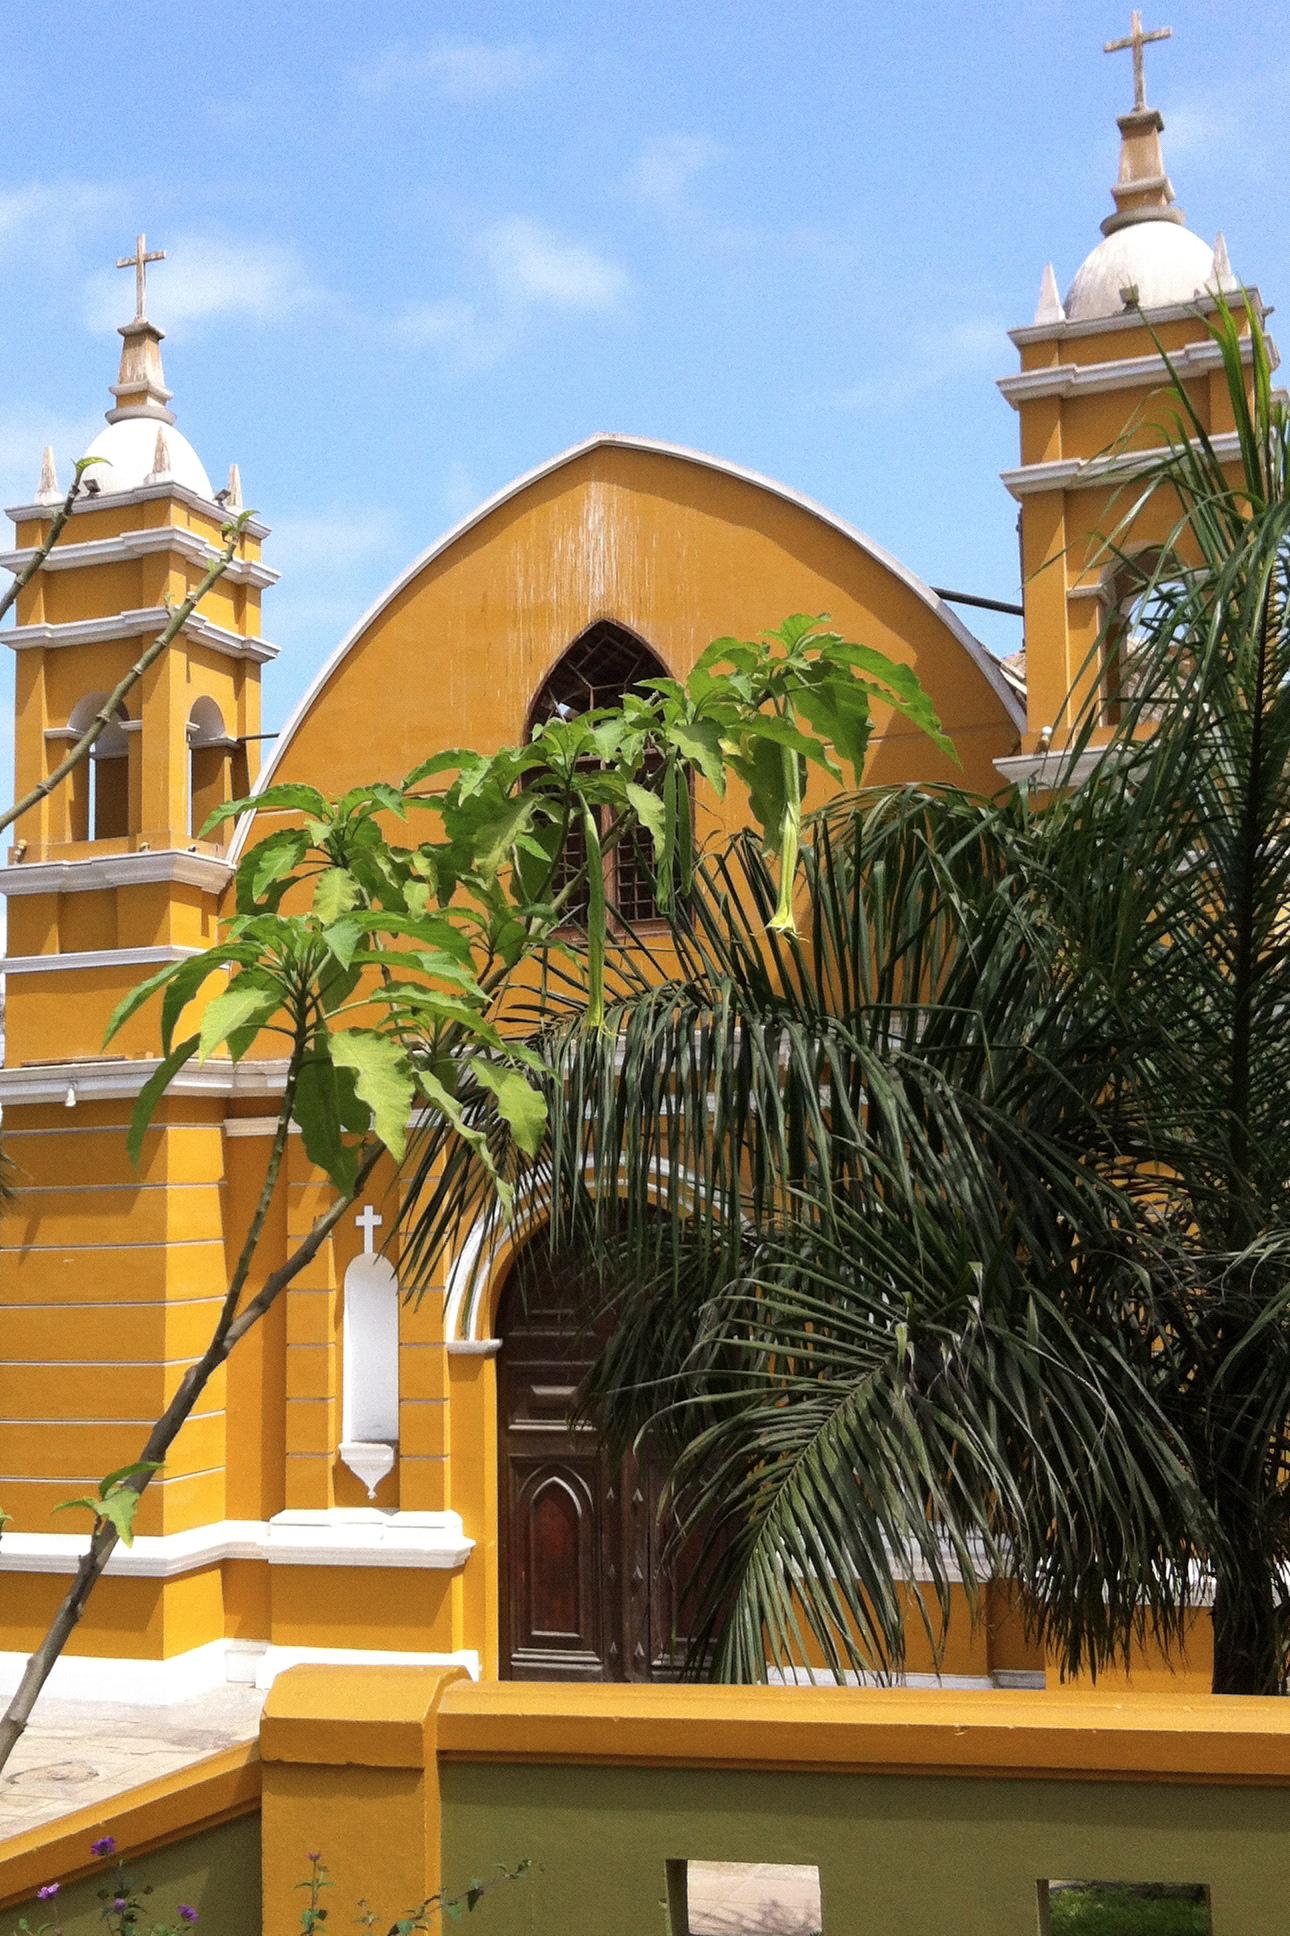 La Ermita, Barranco, Lima